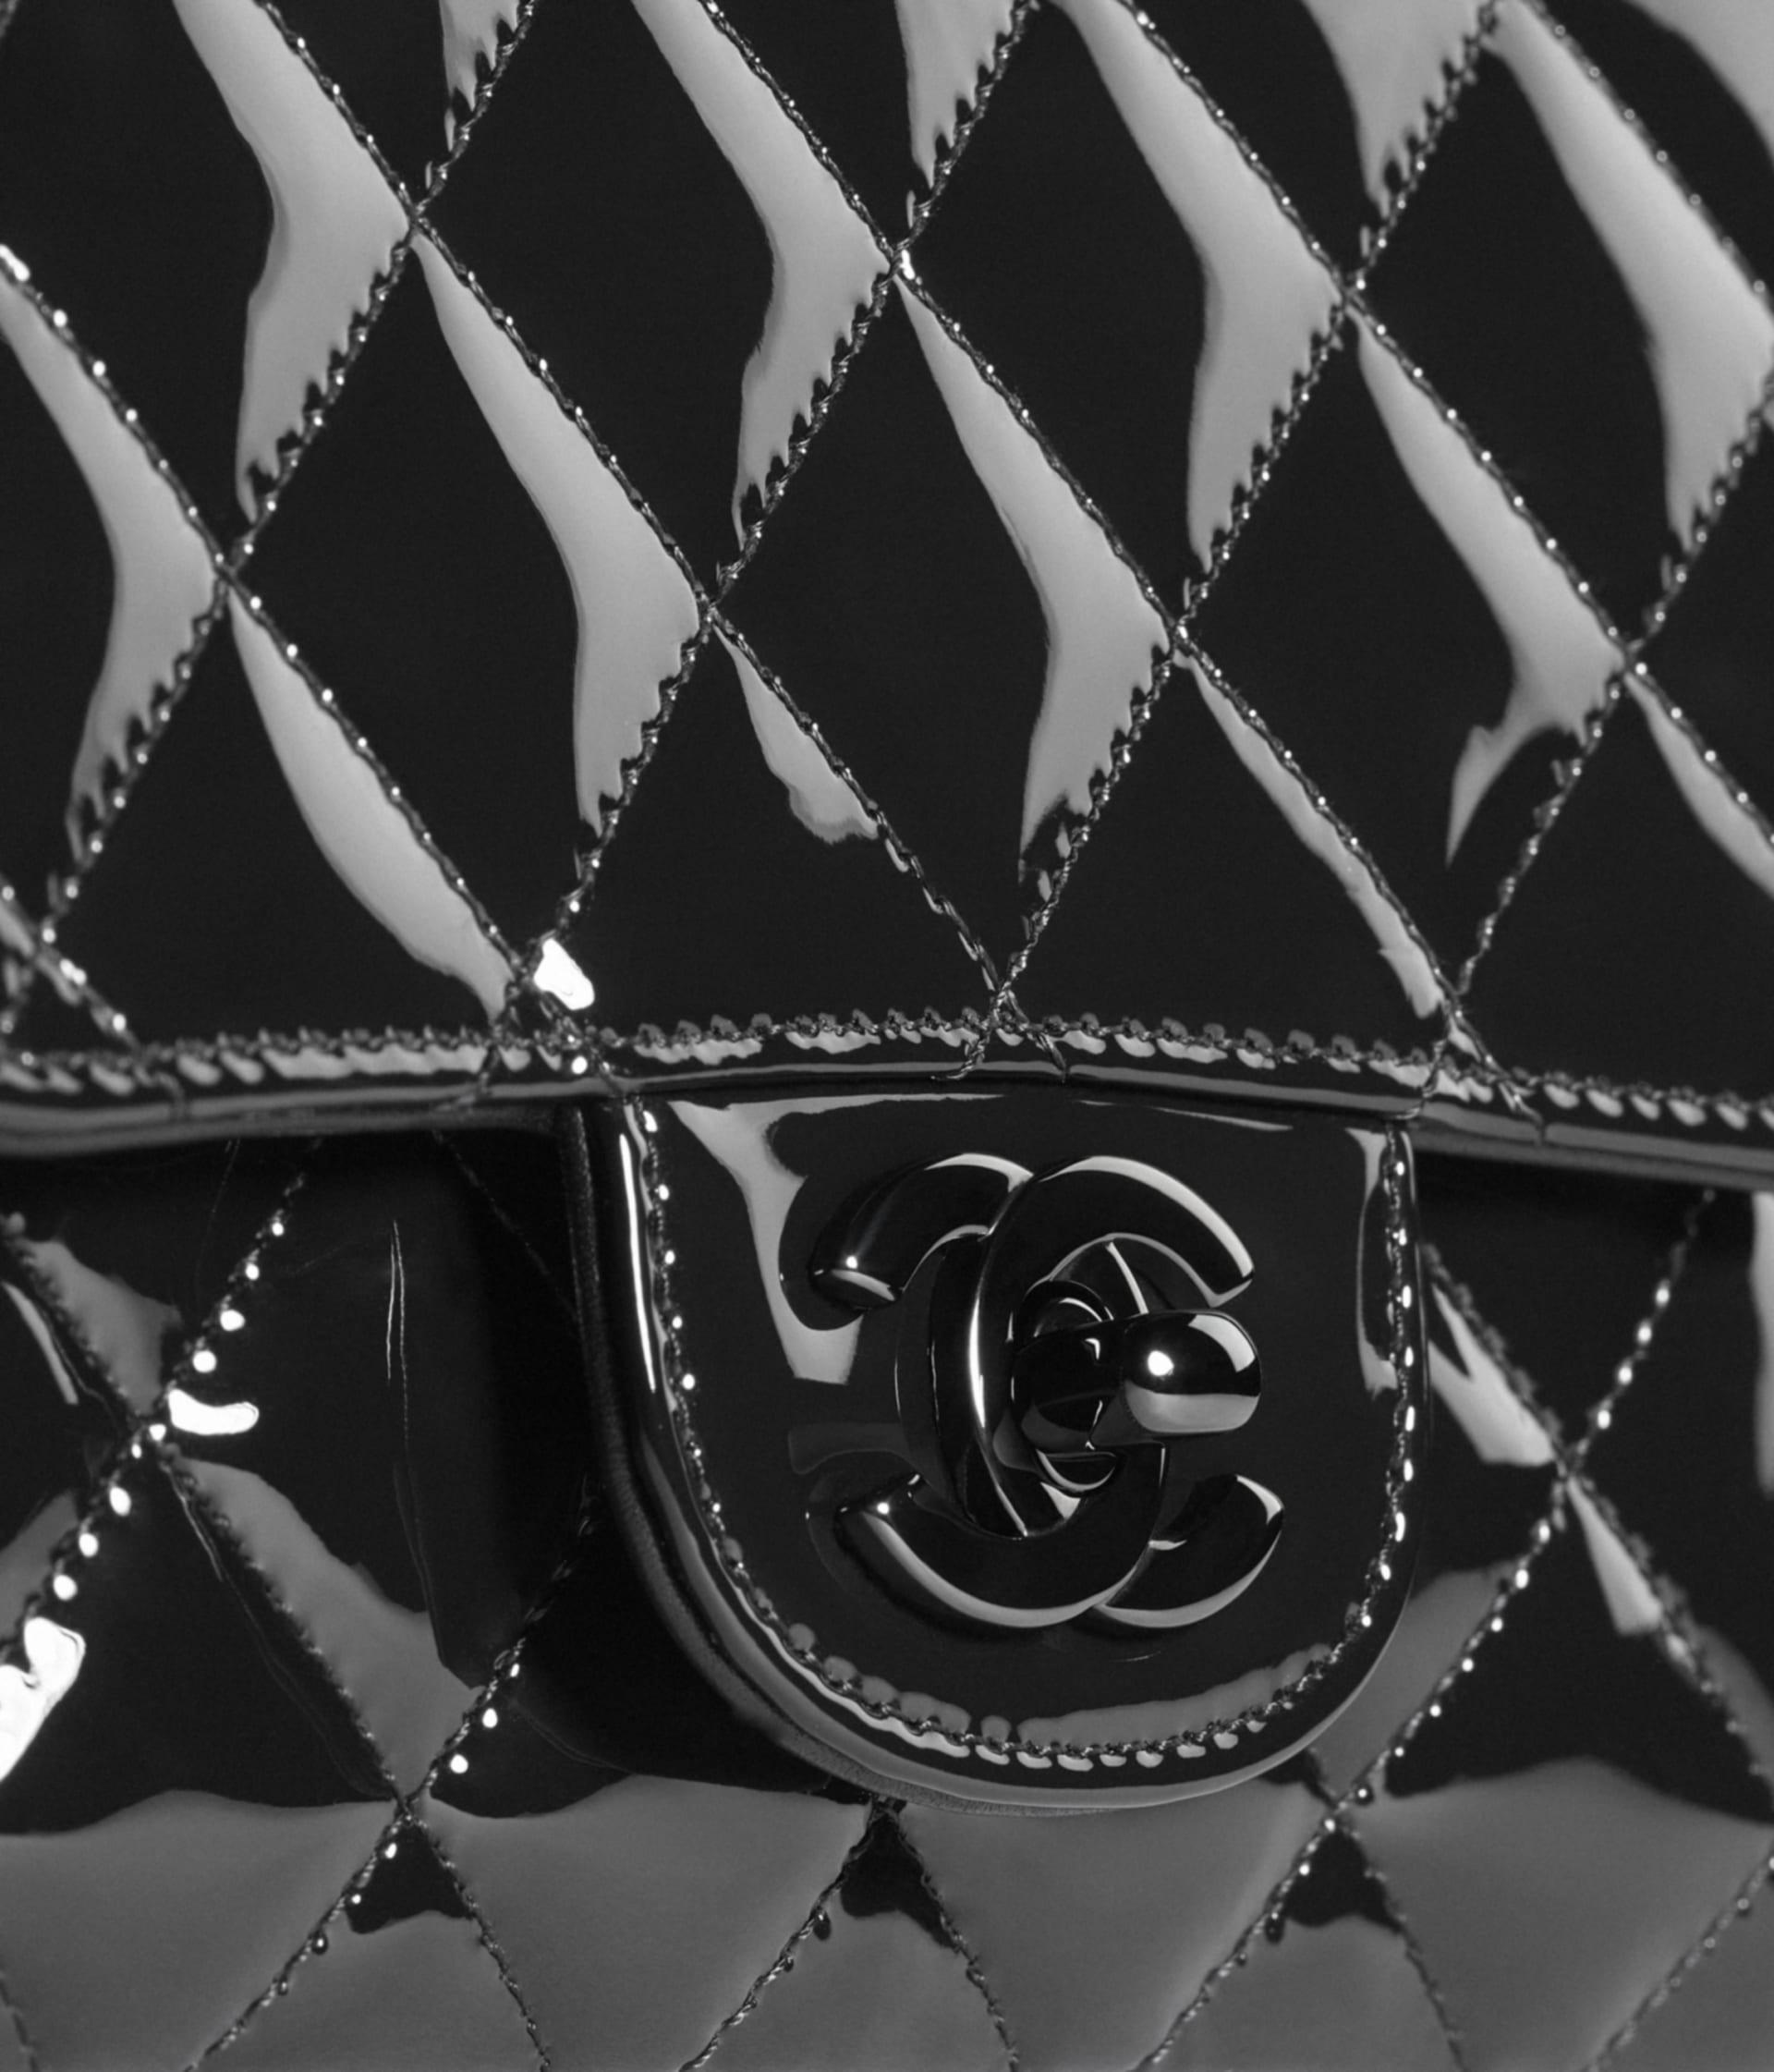 image 4 - Mini Flap Bag - Patent Calfskin & Black Metal - Black